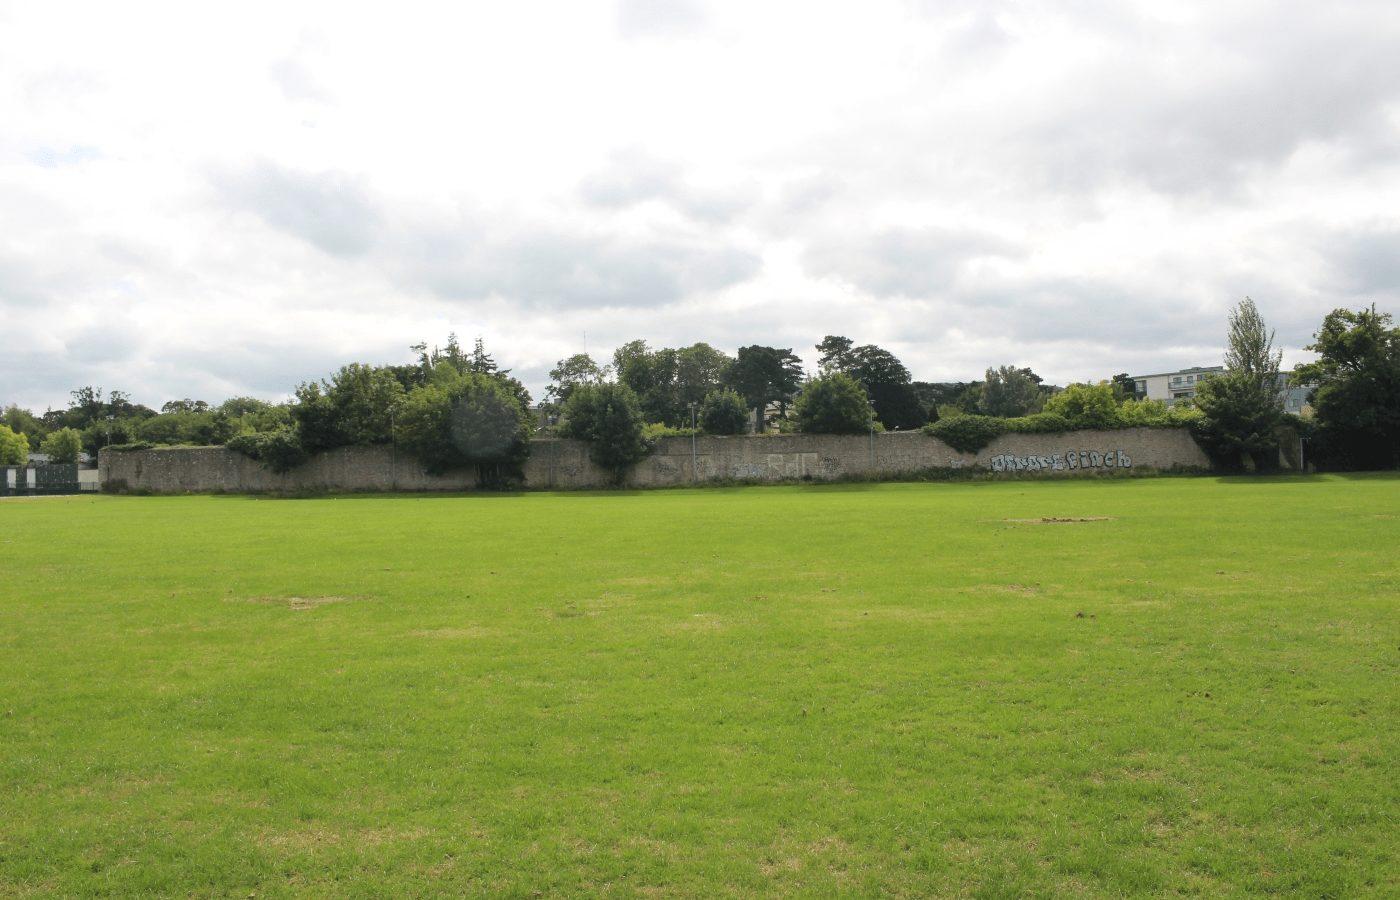 St. Tiernan's School, Before 2, Resized